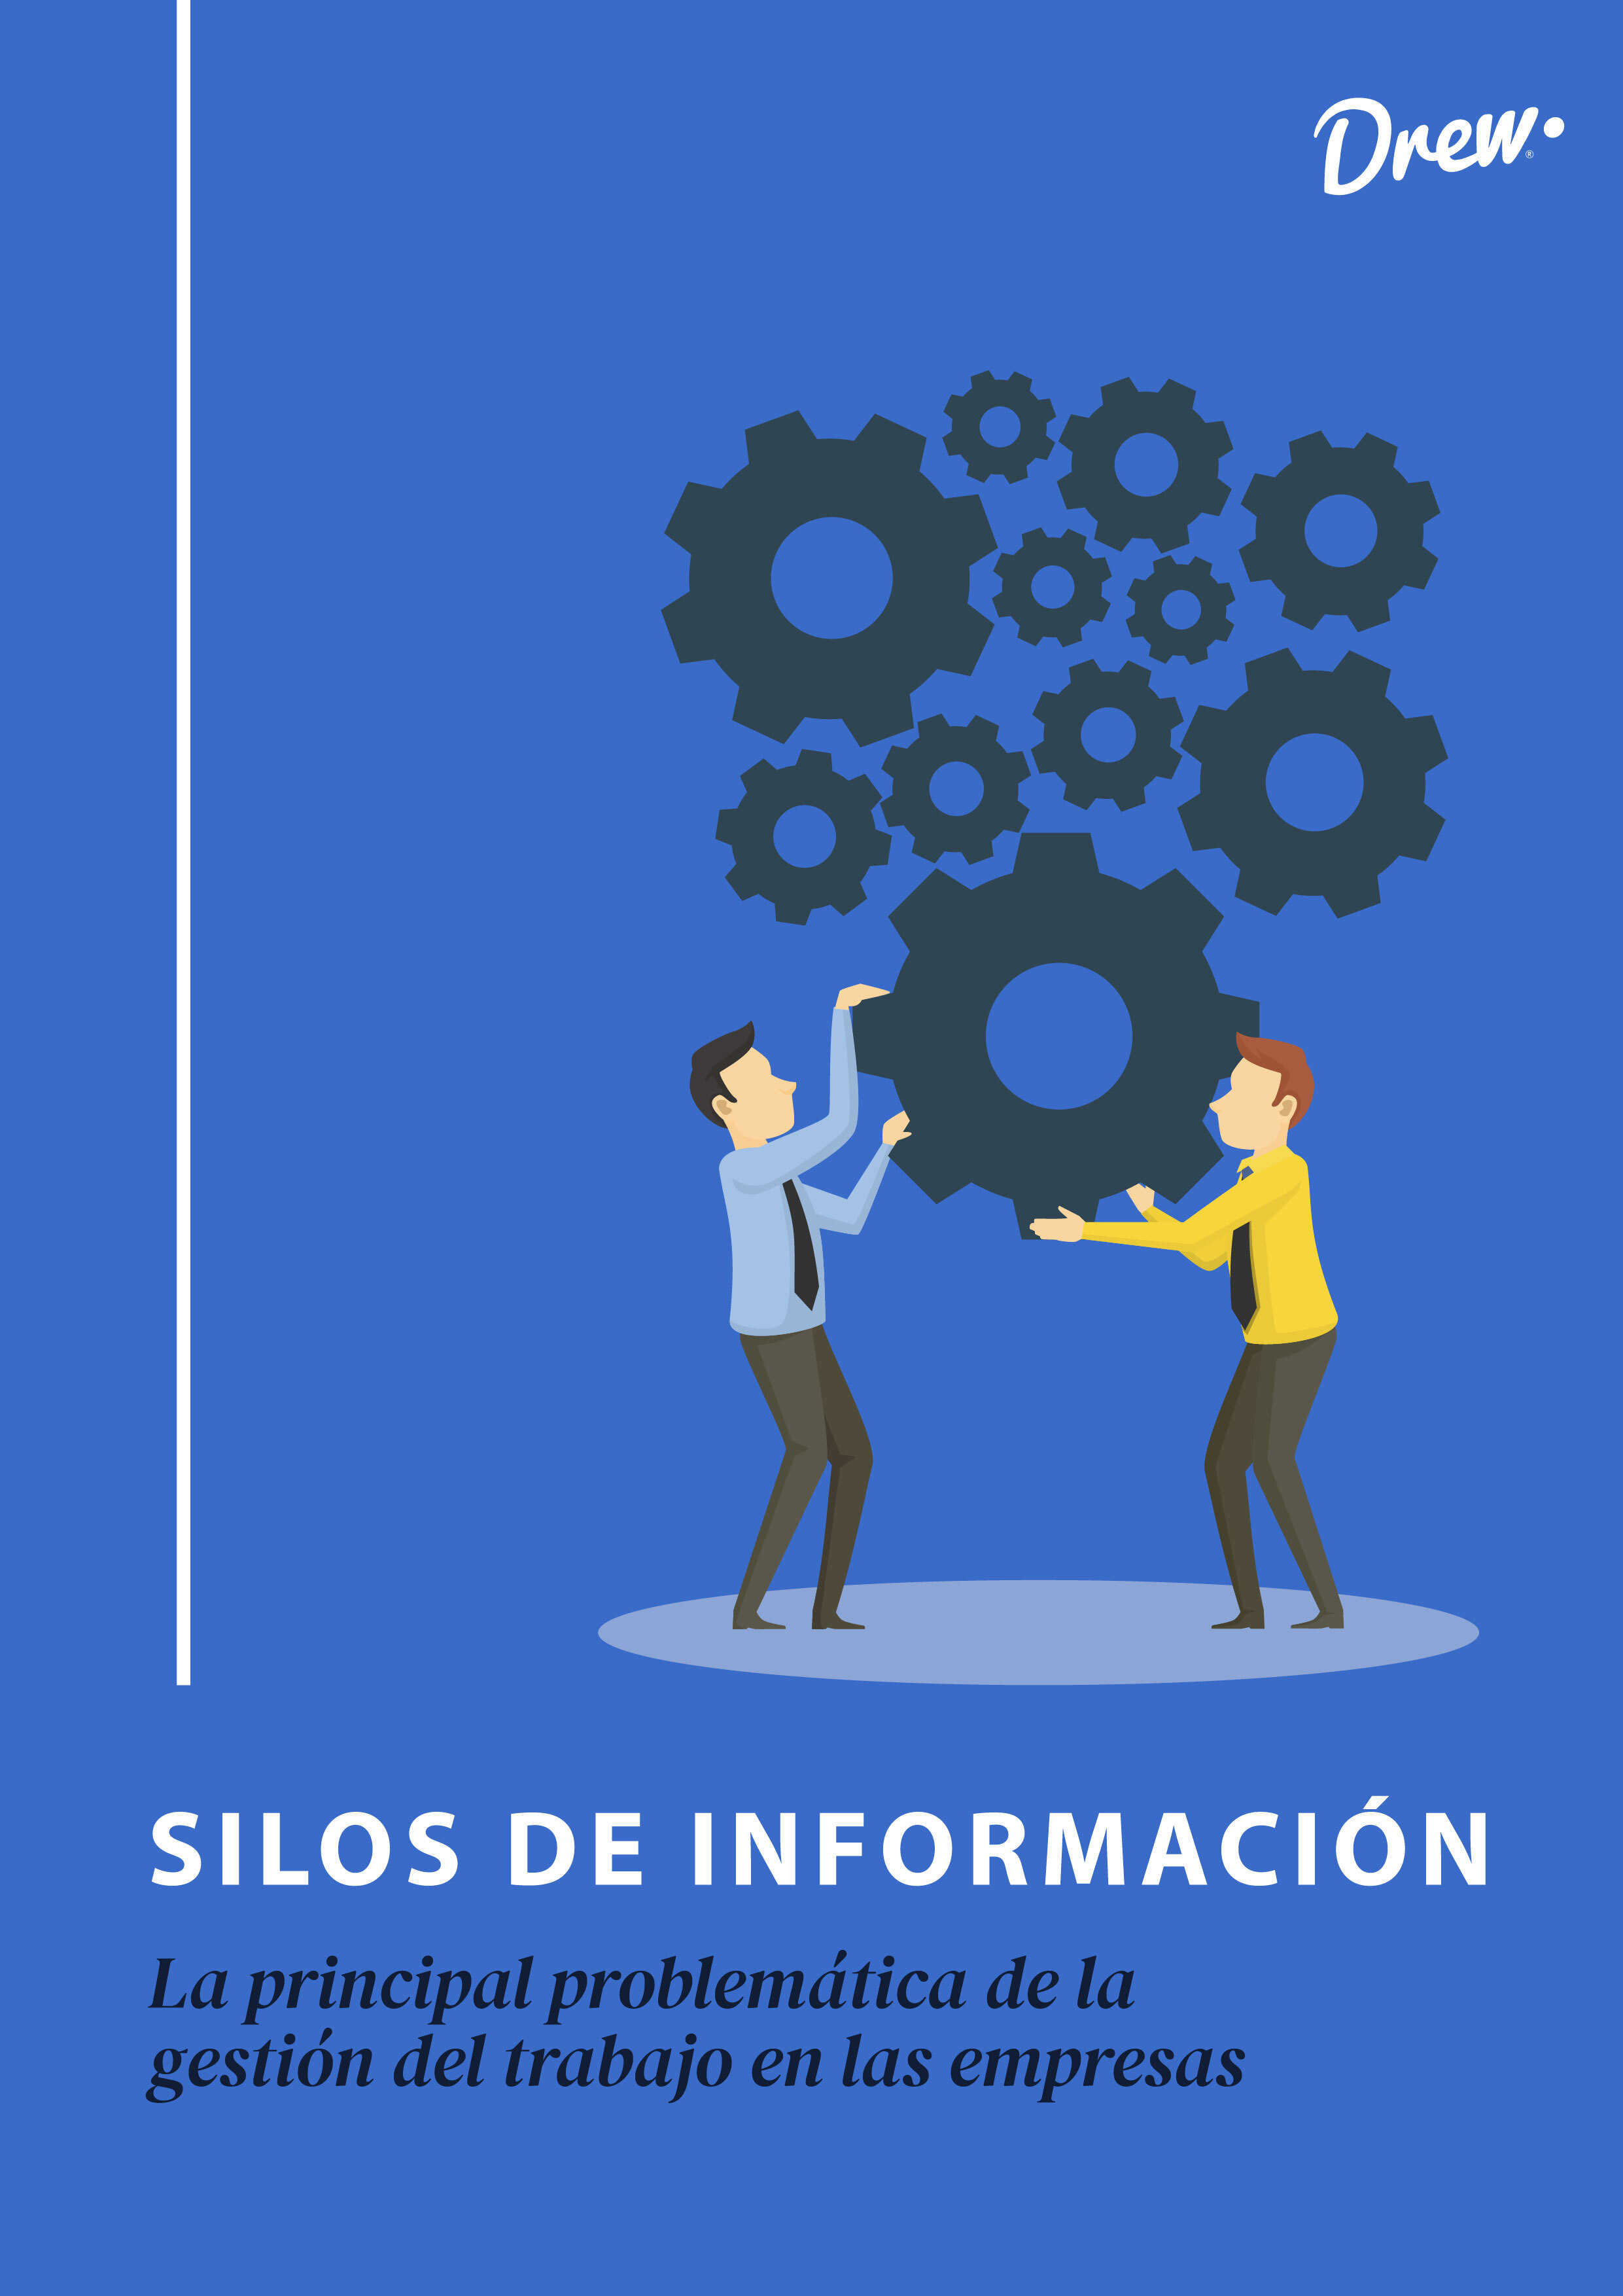 Principal problemática de la gestión del trabajo en las empresas-04 (1)